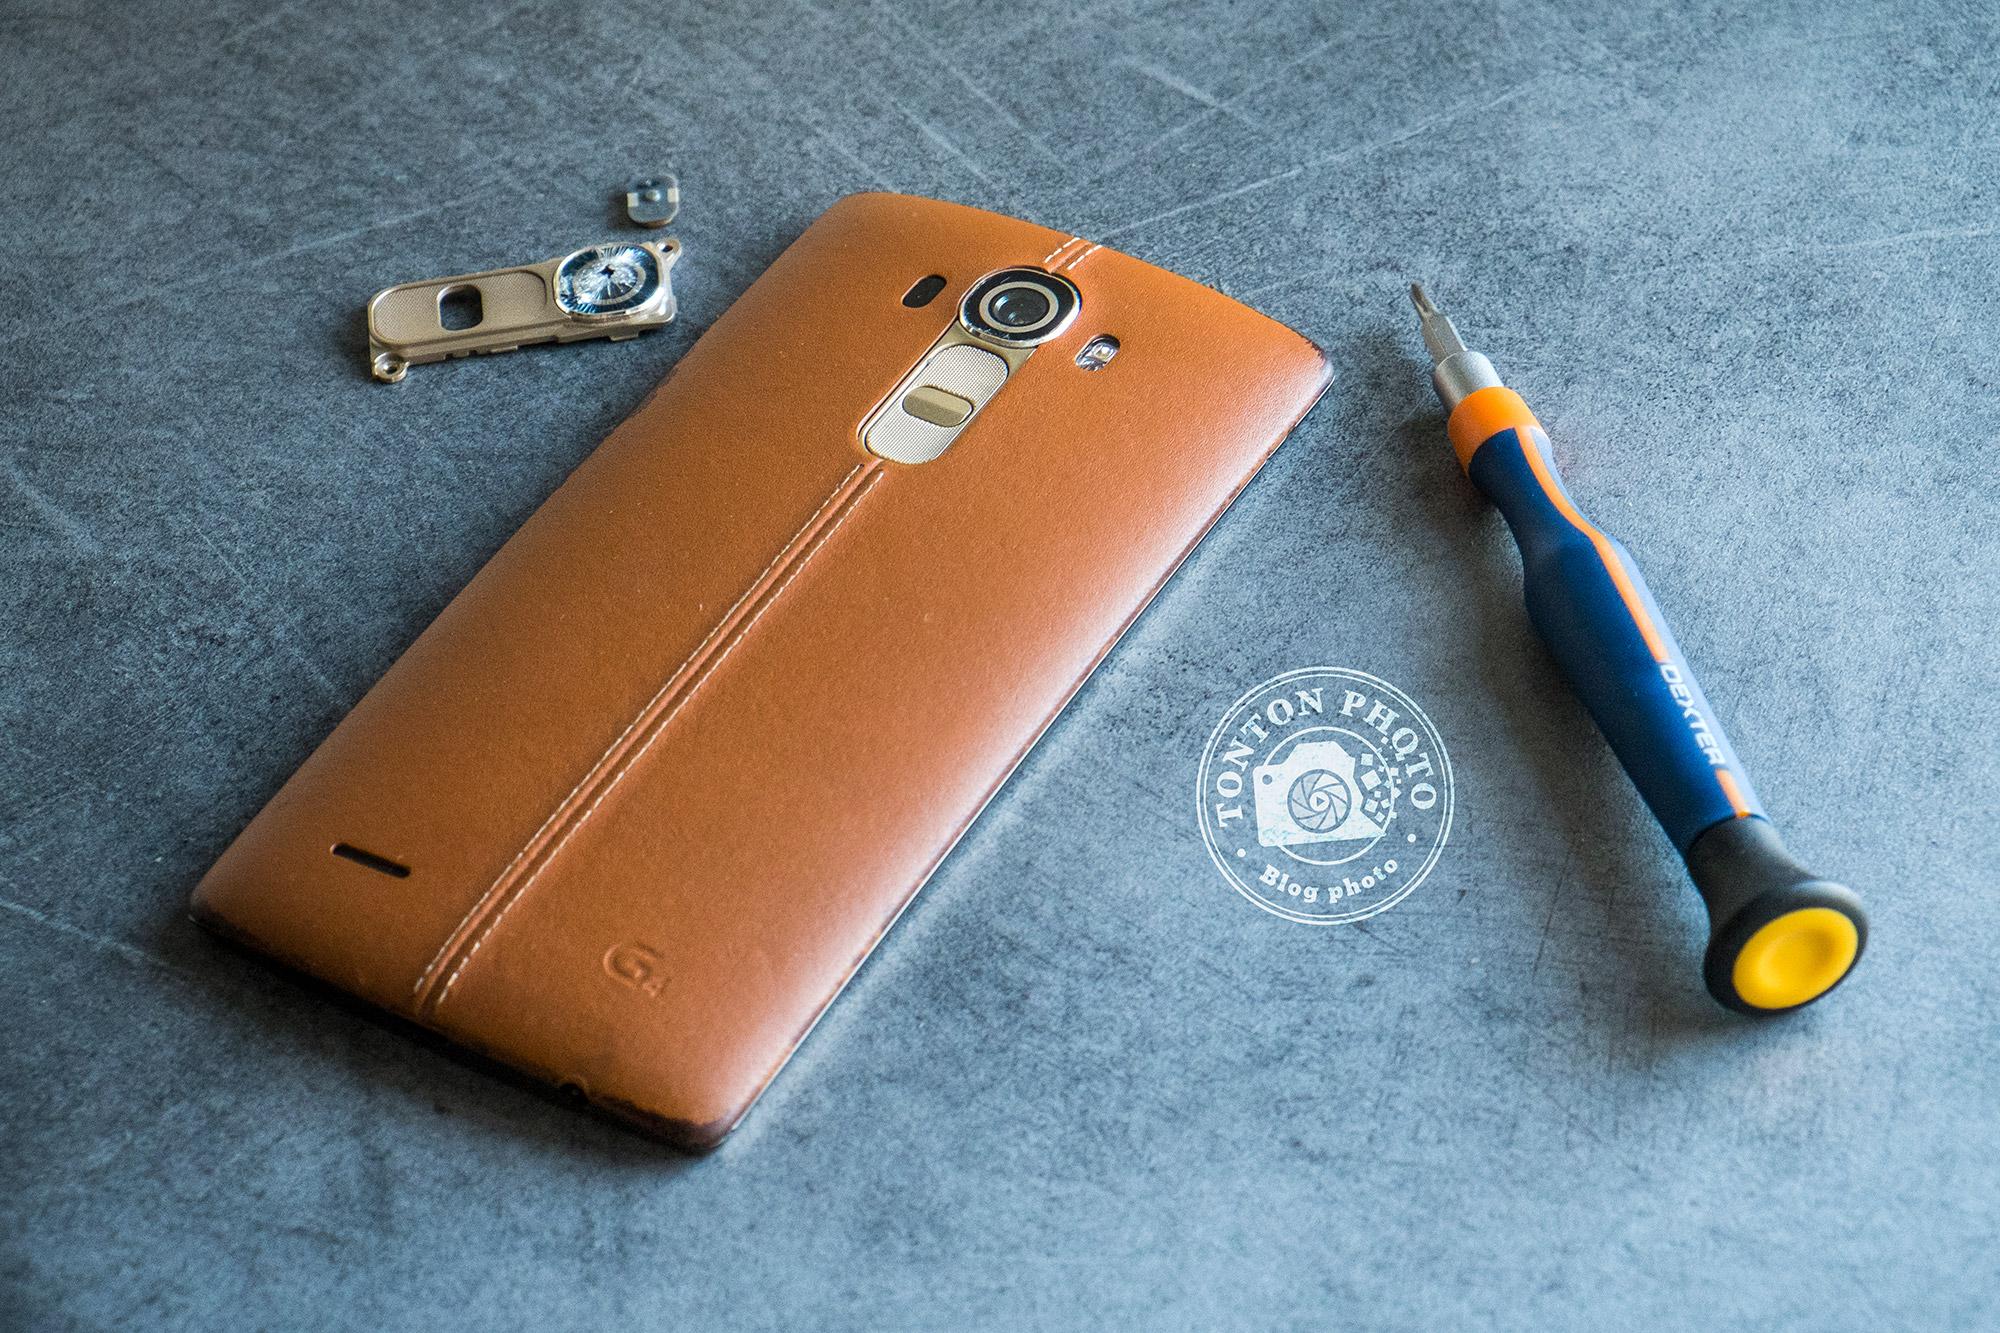 Et voici la nouvelle lentille photo du LG G4 installée en quelques minutes :) © Clément Racineux / Tonton Photo